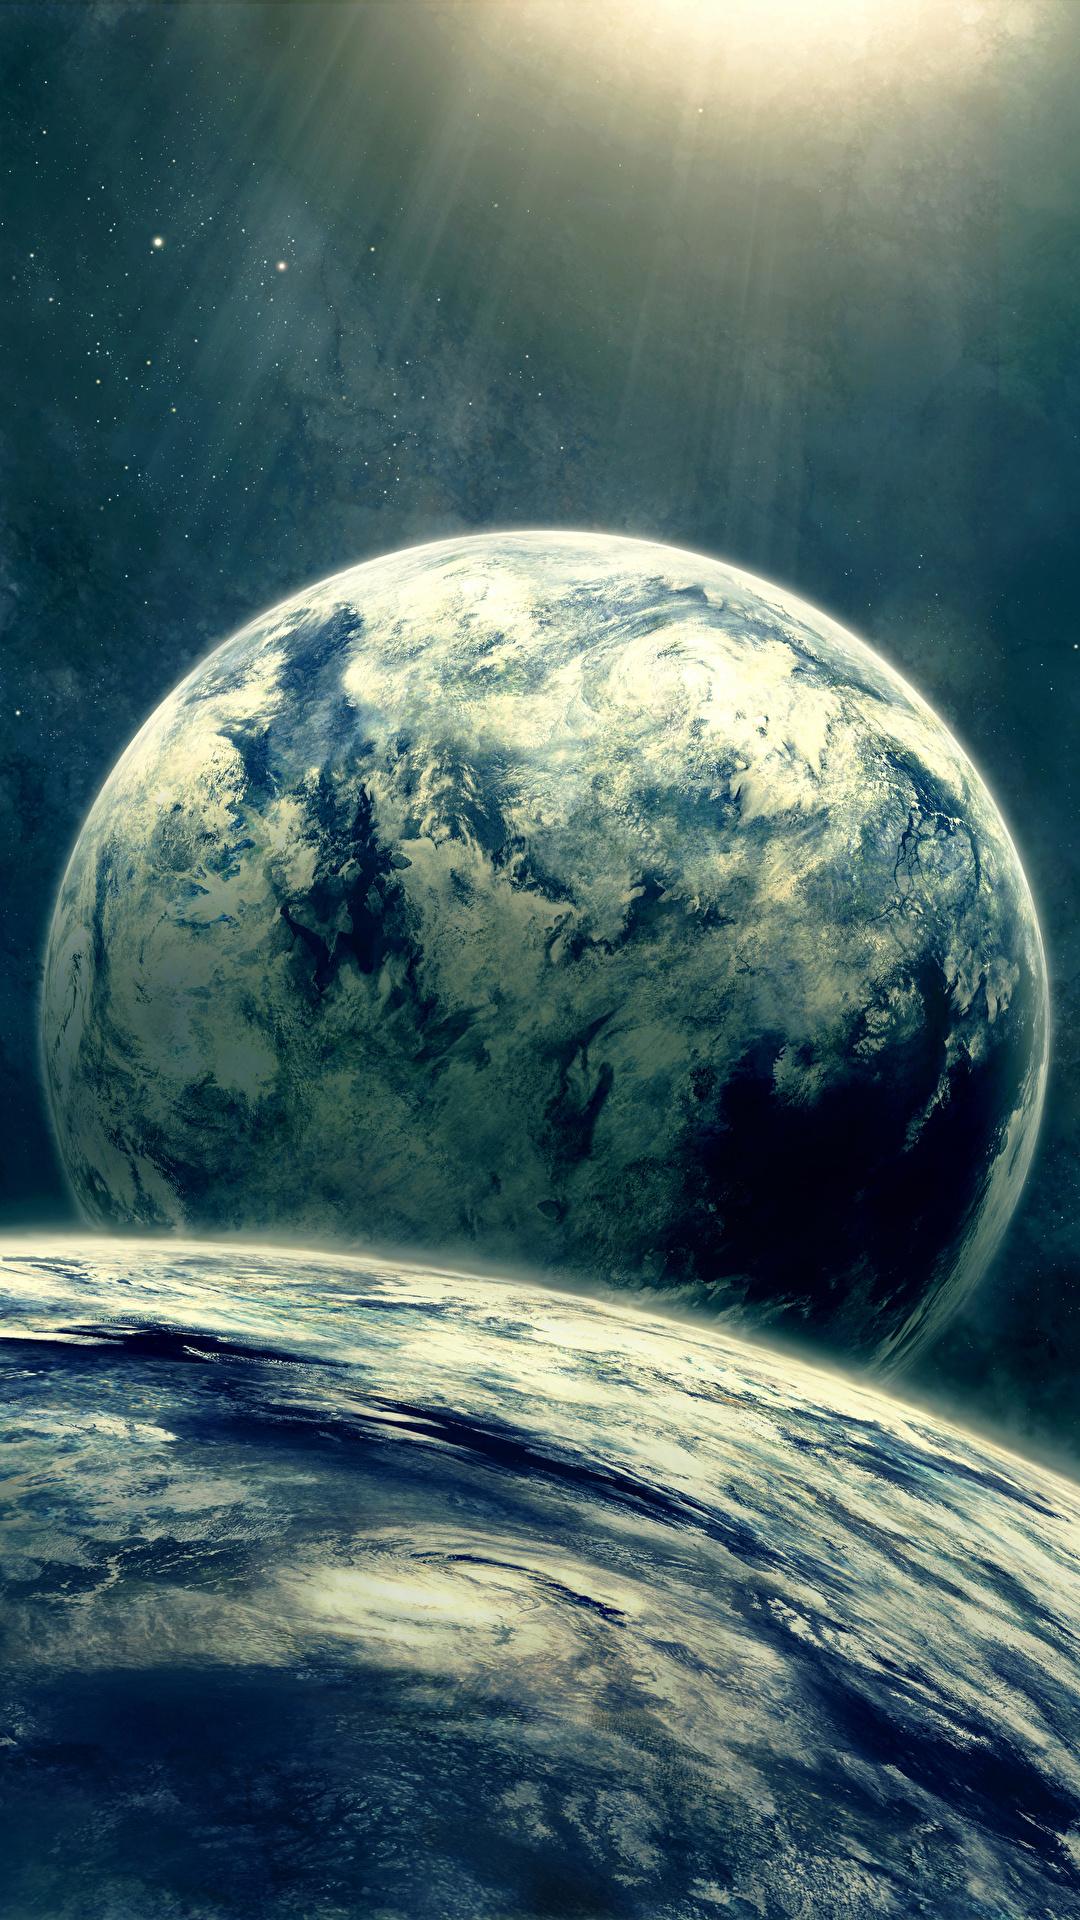 Oboi Dlya Rabochego Stola Planeta Kosmos 1080x1920